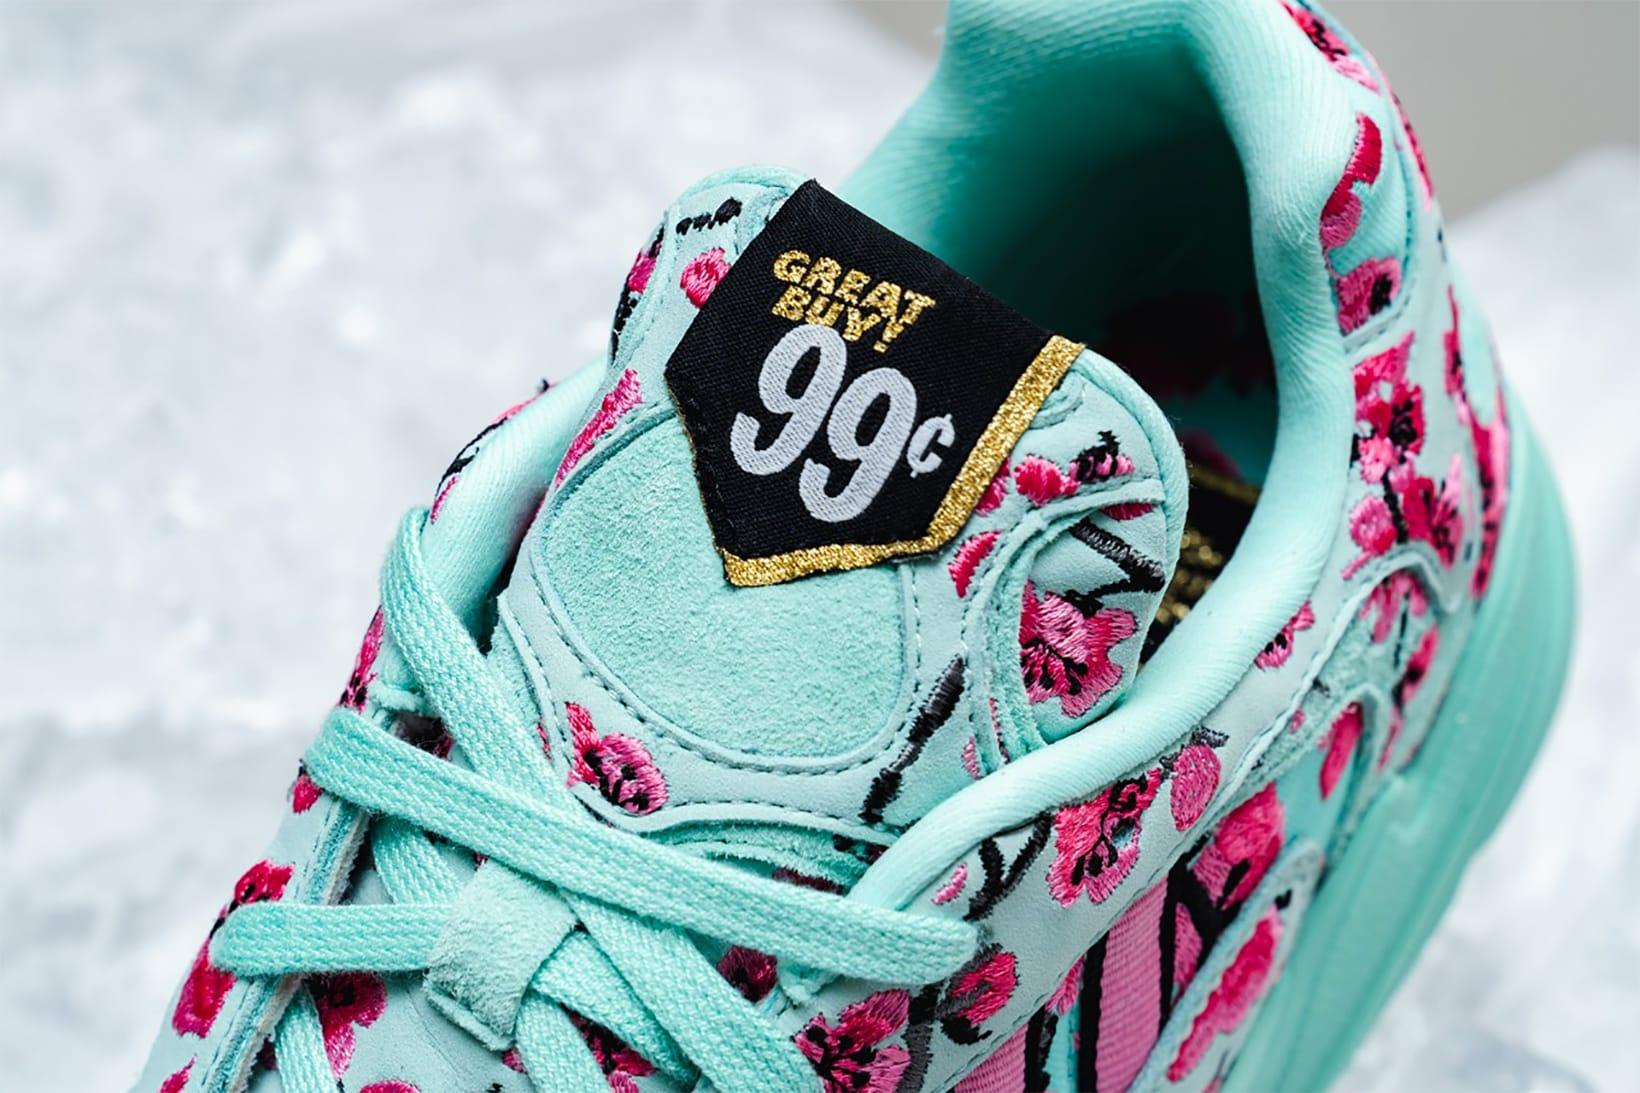 AriZona Ice Tea's 99-Cent Sneakers